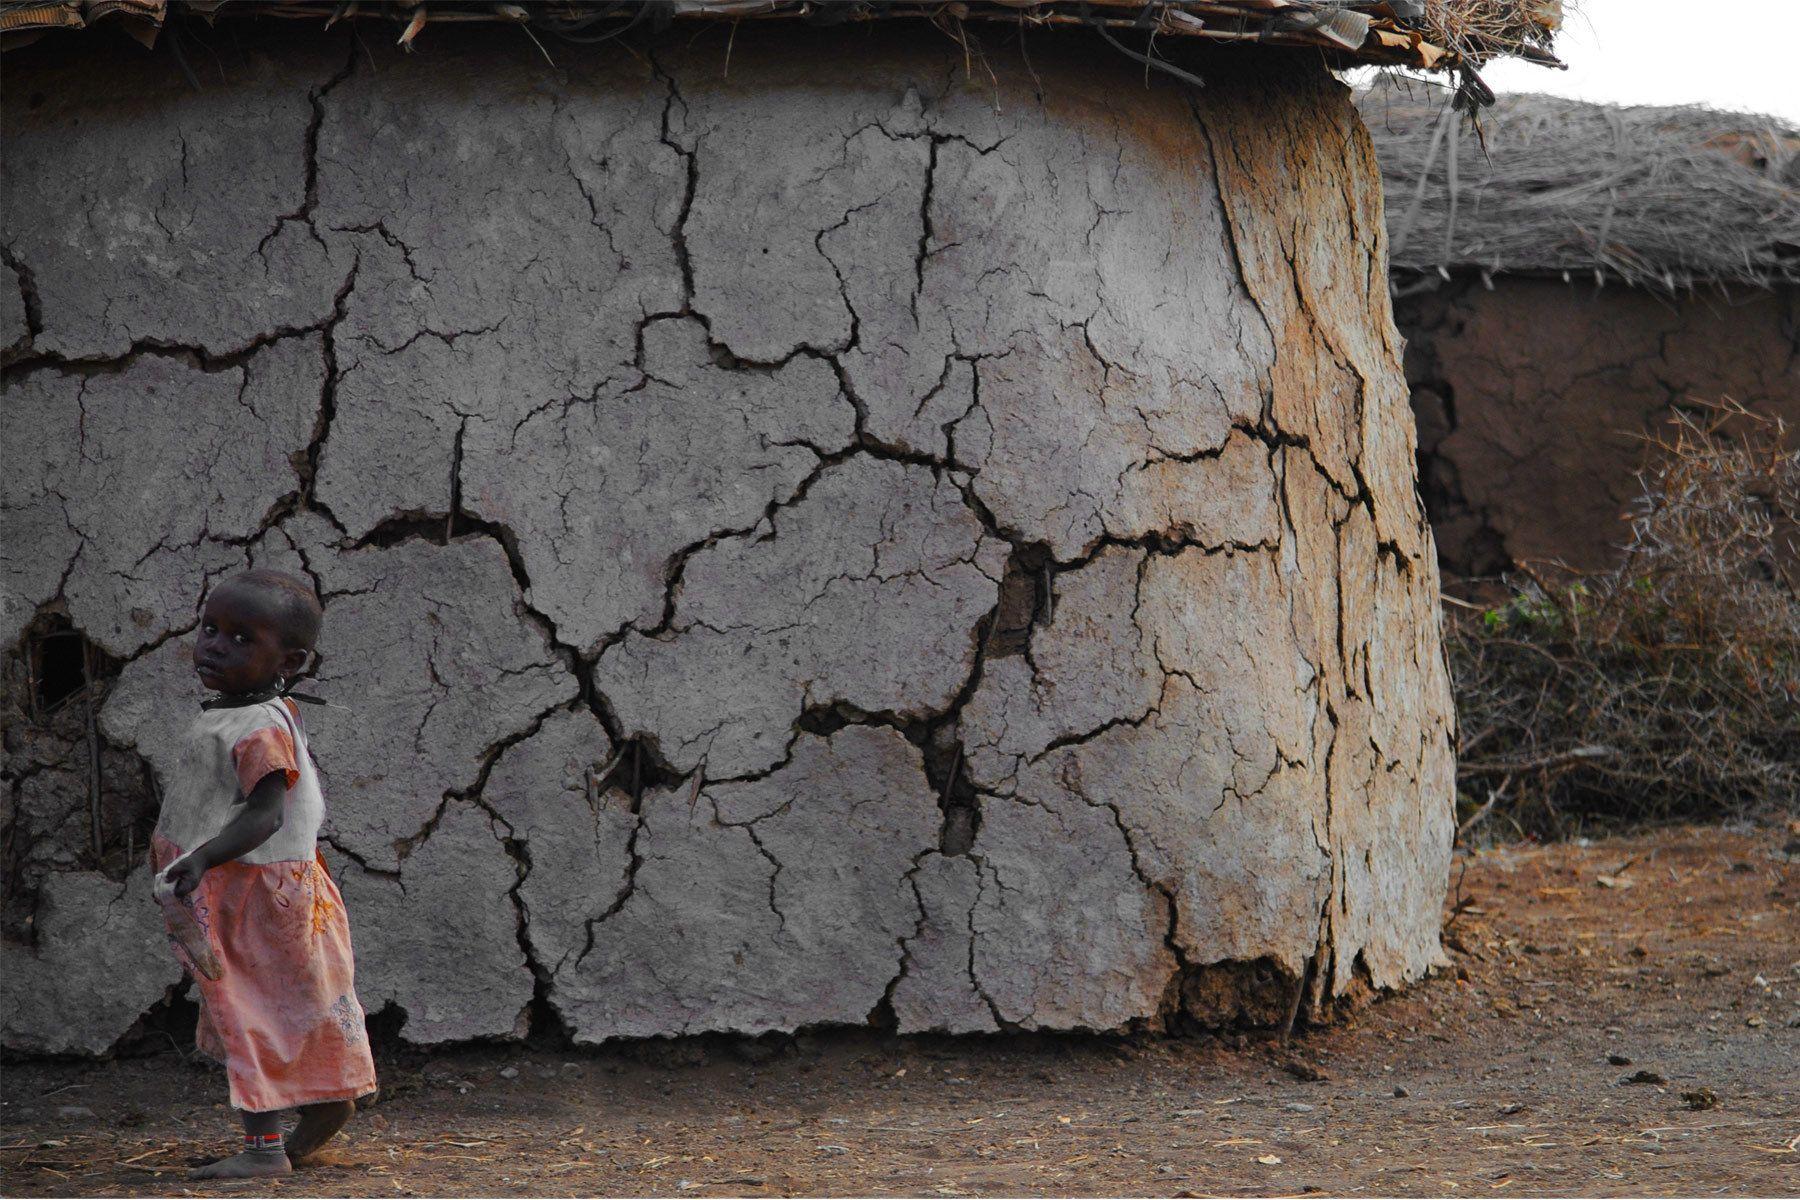 106___africa_kenya_maasai_village.jpg